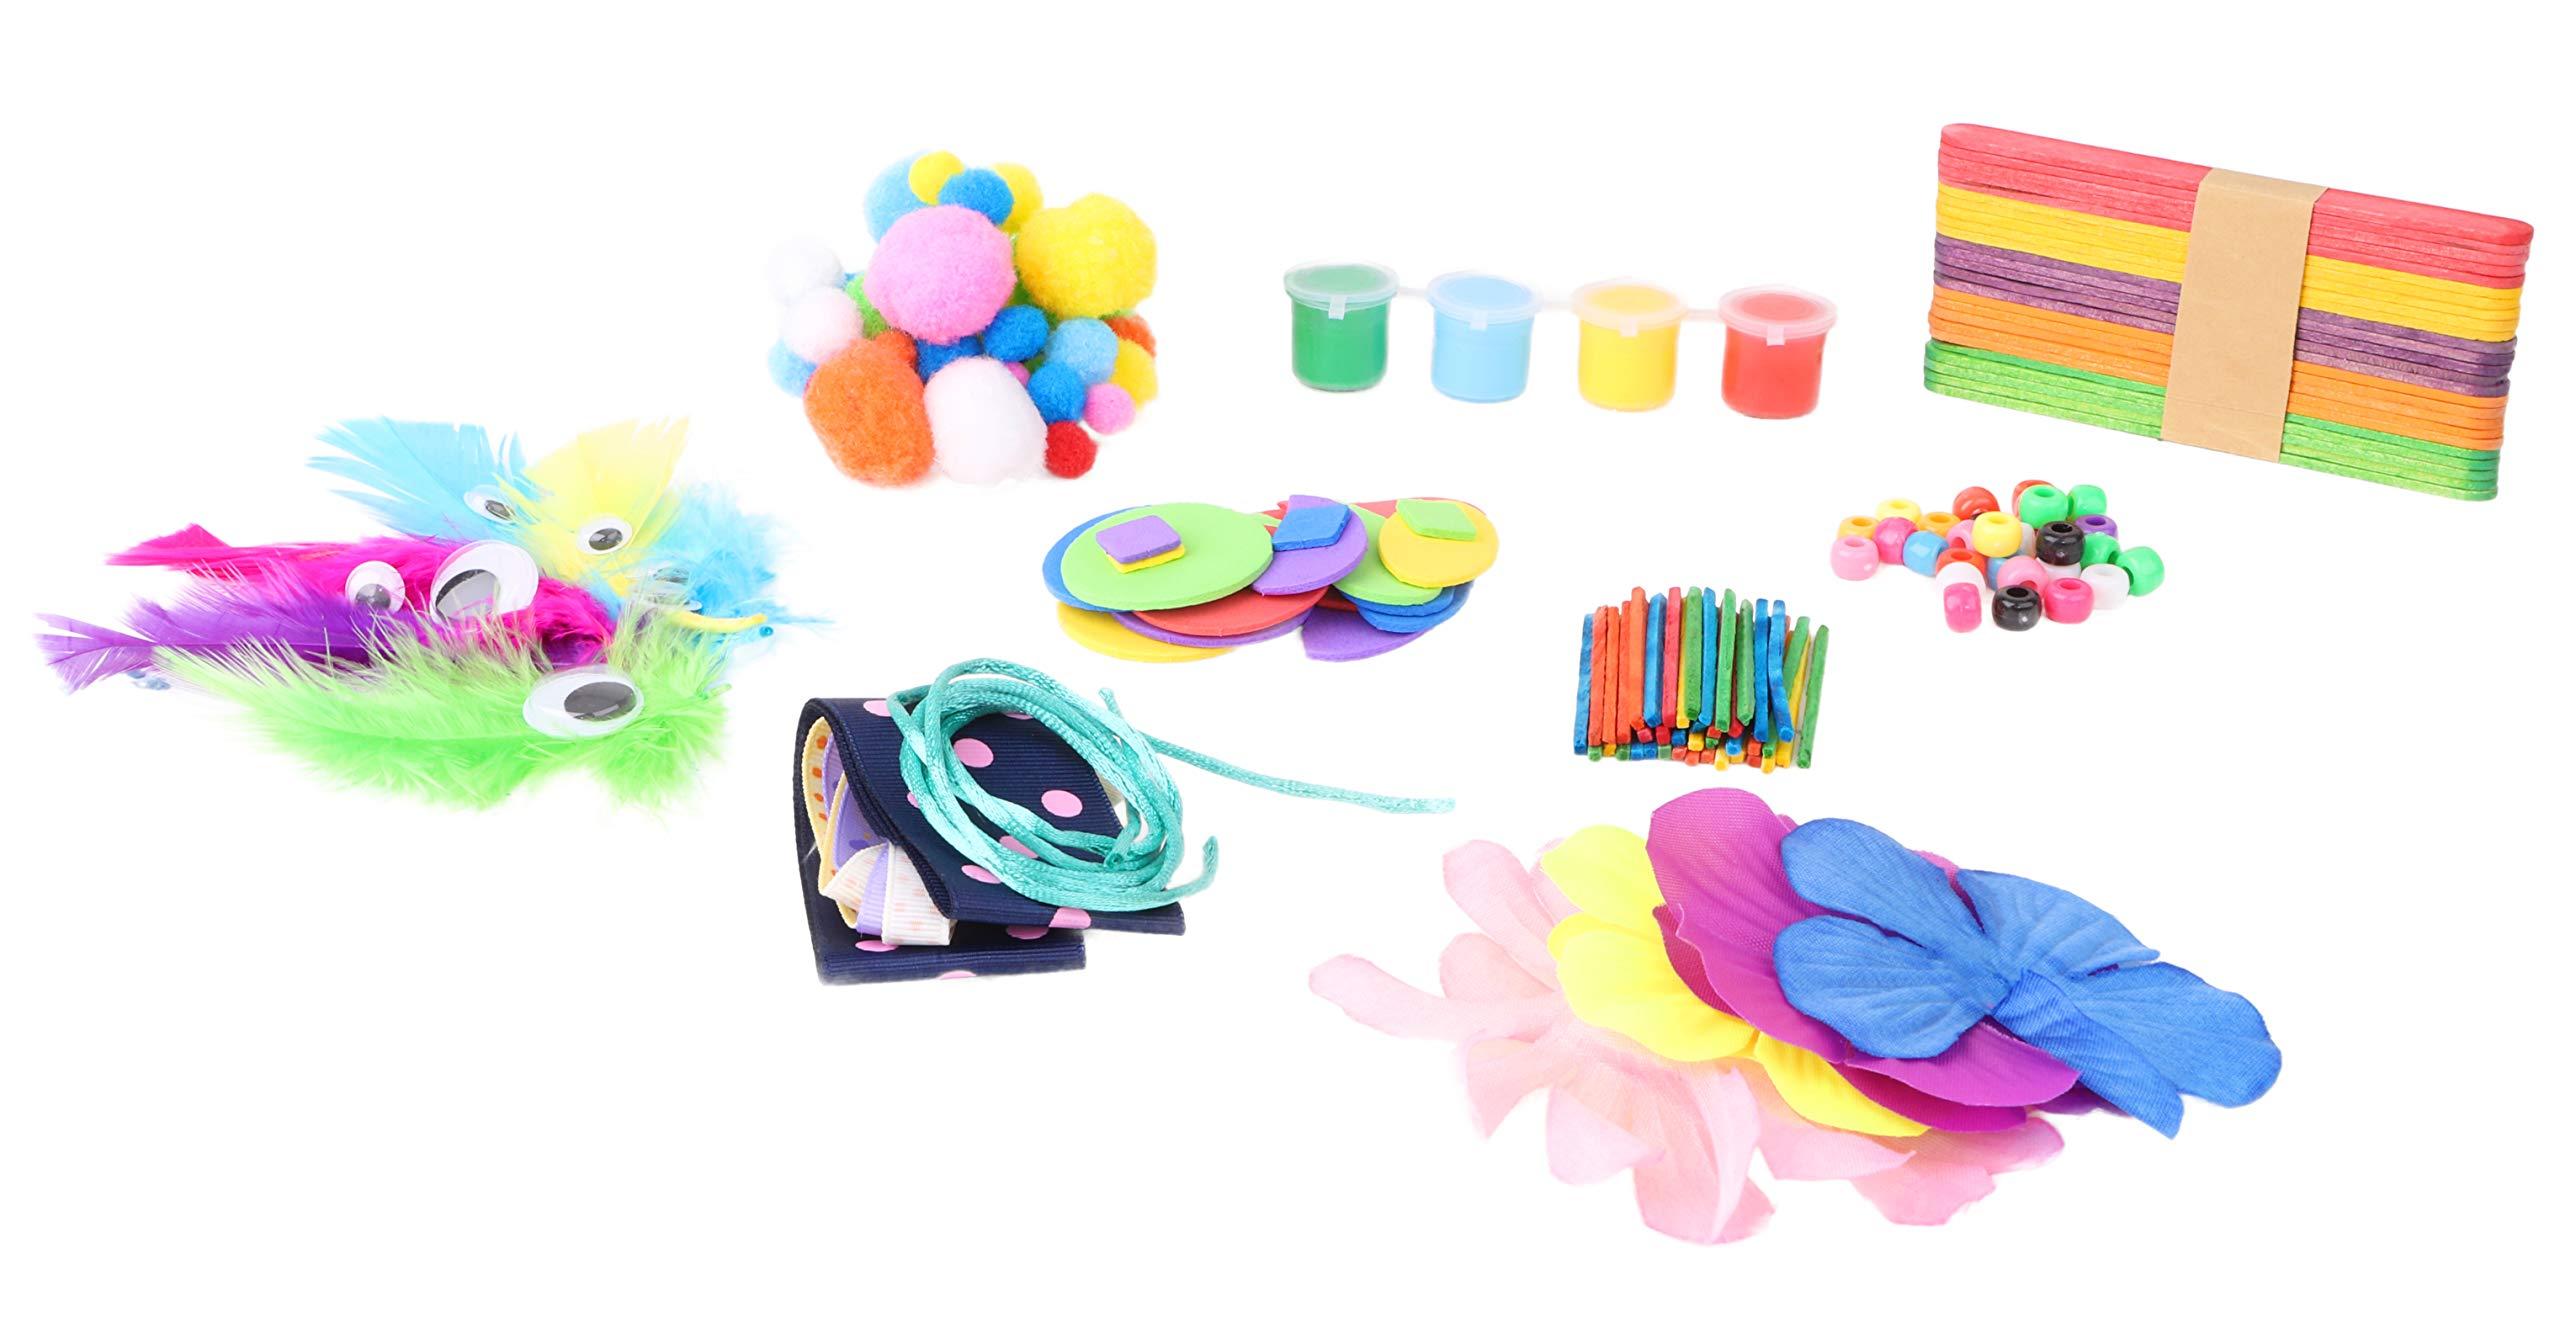 TOYLAND Caja para Manualidades Jumbo de 300 Piezas Kits de Arte y Manualidades - Conjuntos de Manualidades para niños: Amazon.es: Juguetes y juegos